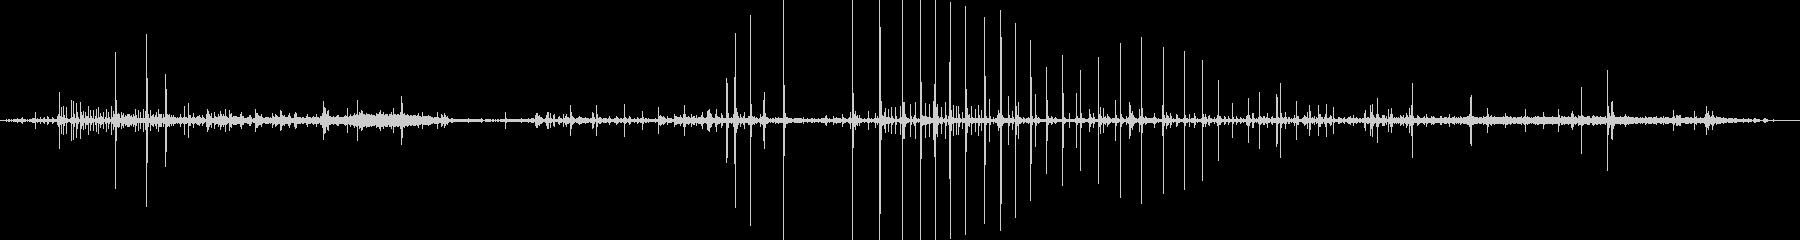 ウィッカーチェア:ムーブメントクリ...の未再生の波形